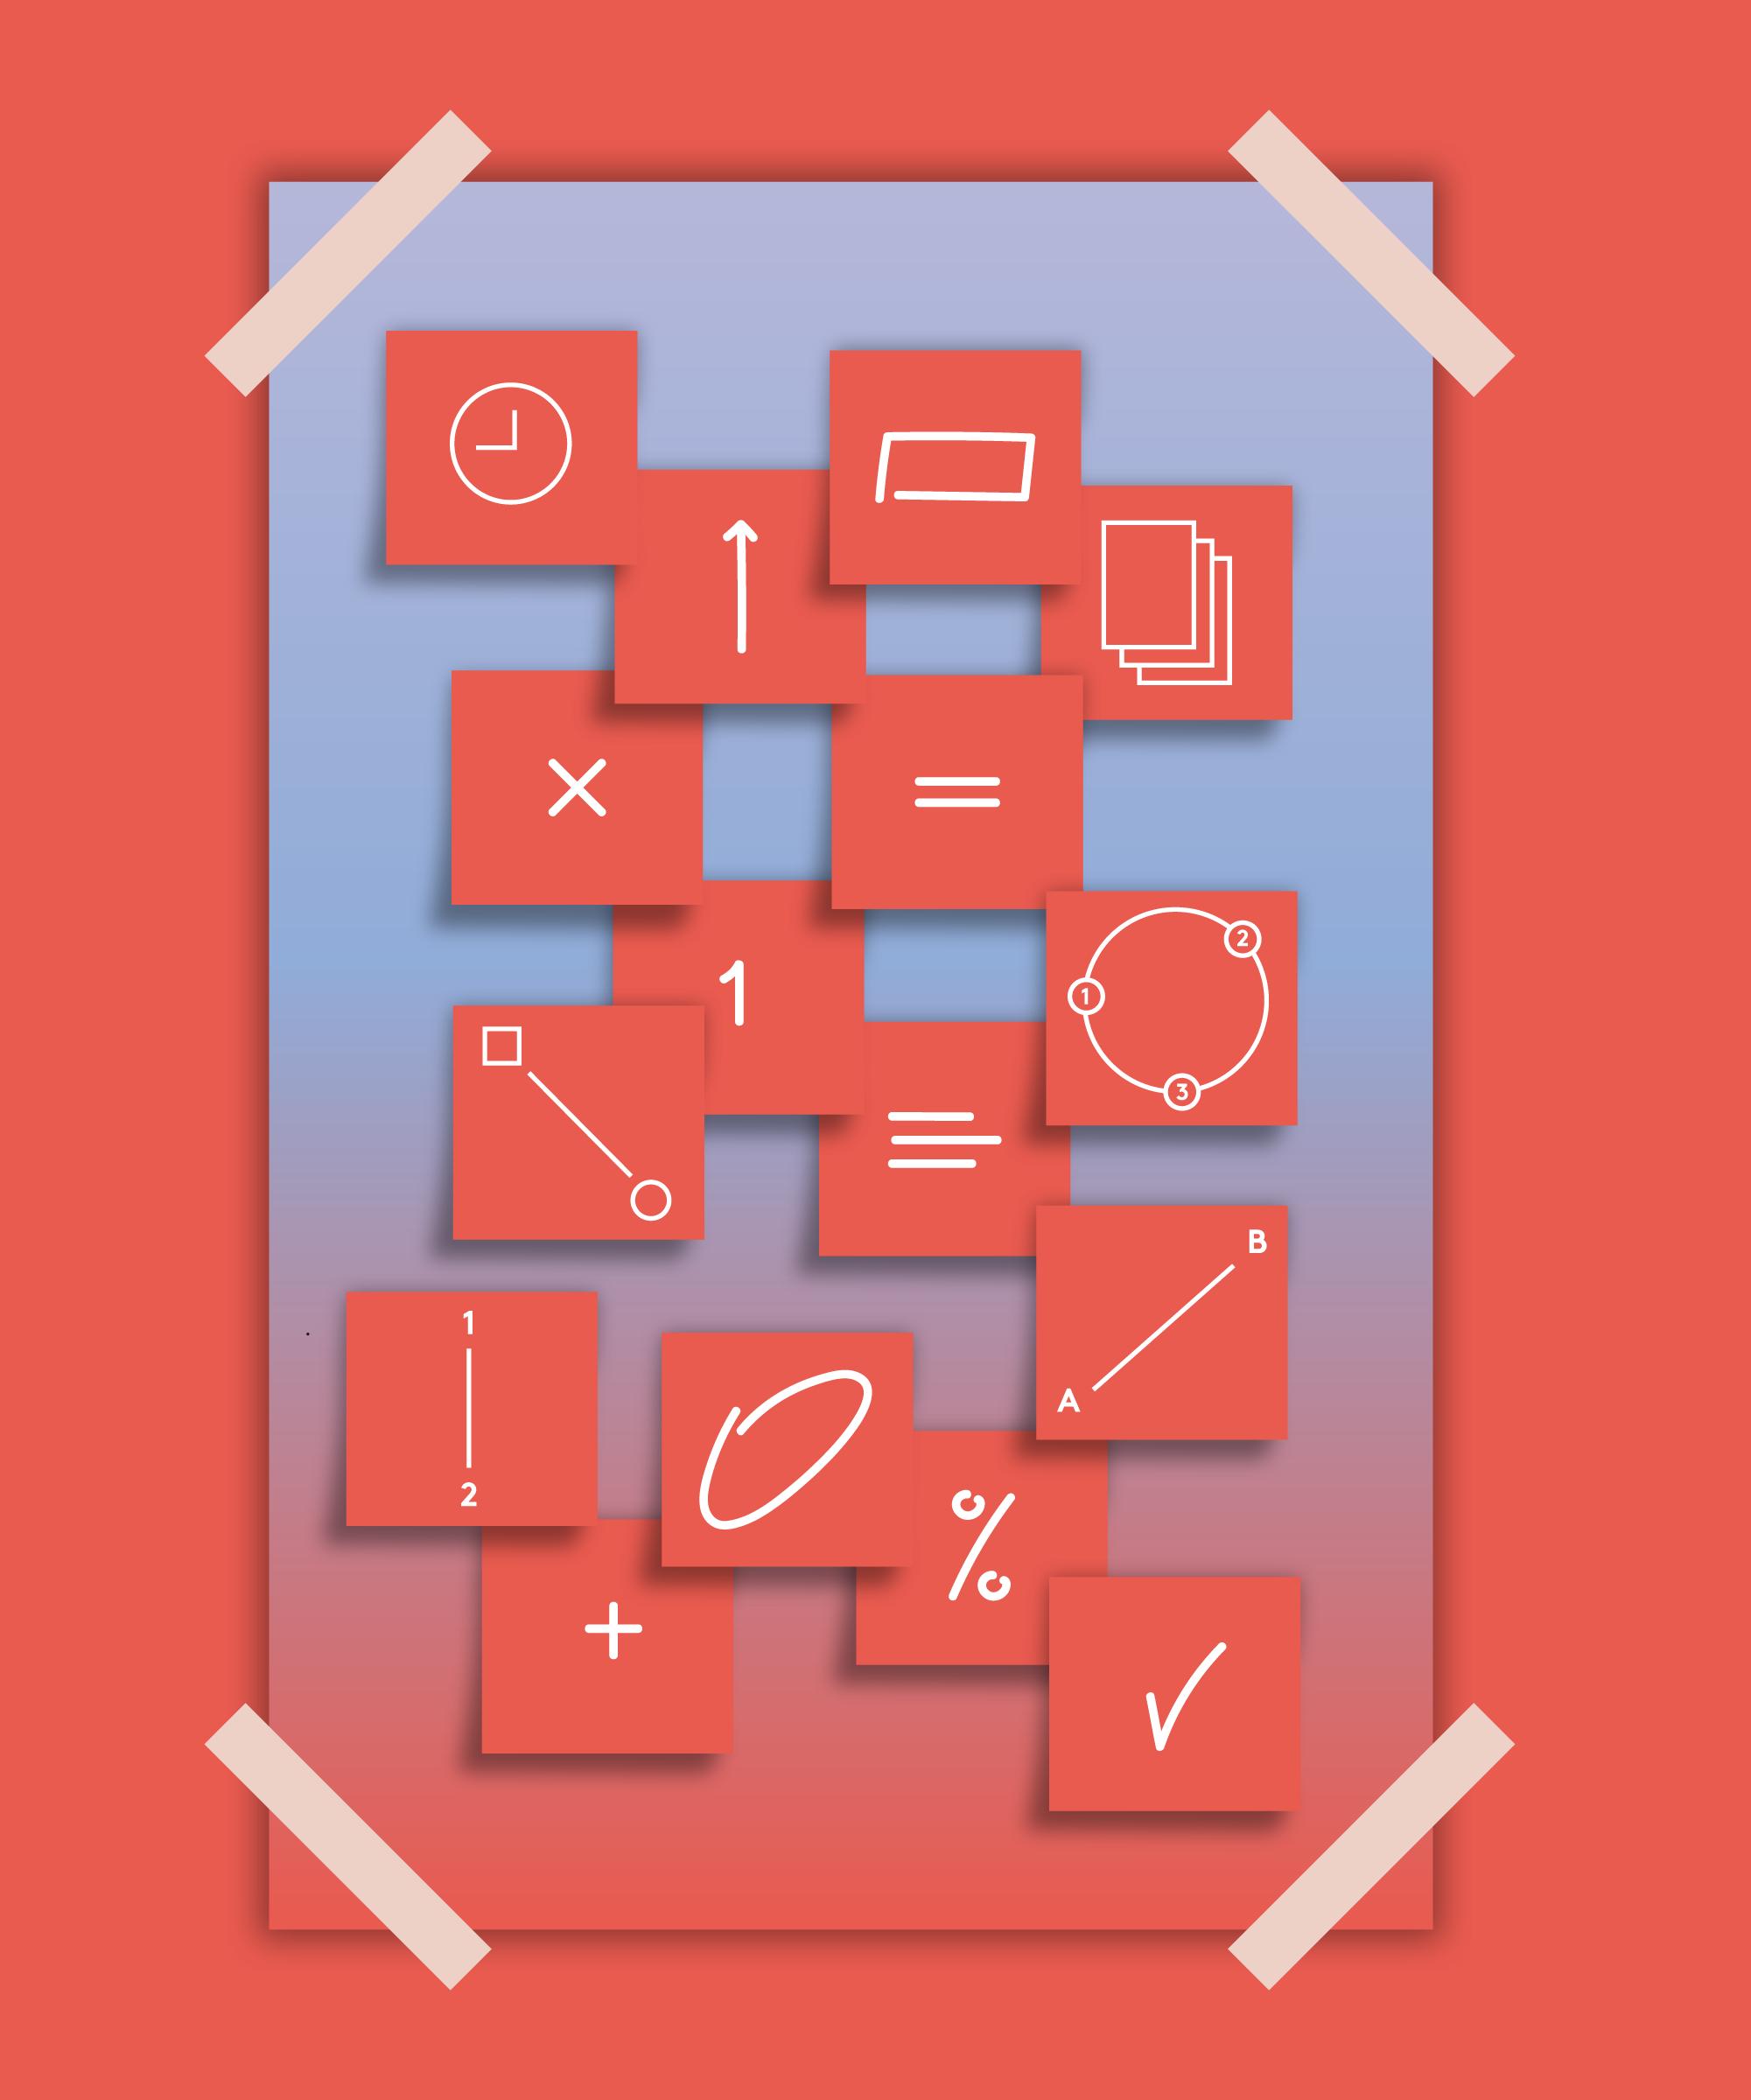 DiMarzio-Bella_Productivity HacksfromWorkingMoms_20161019_opener_2000x2400